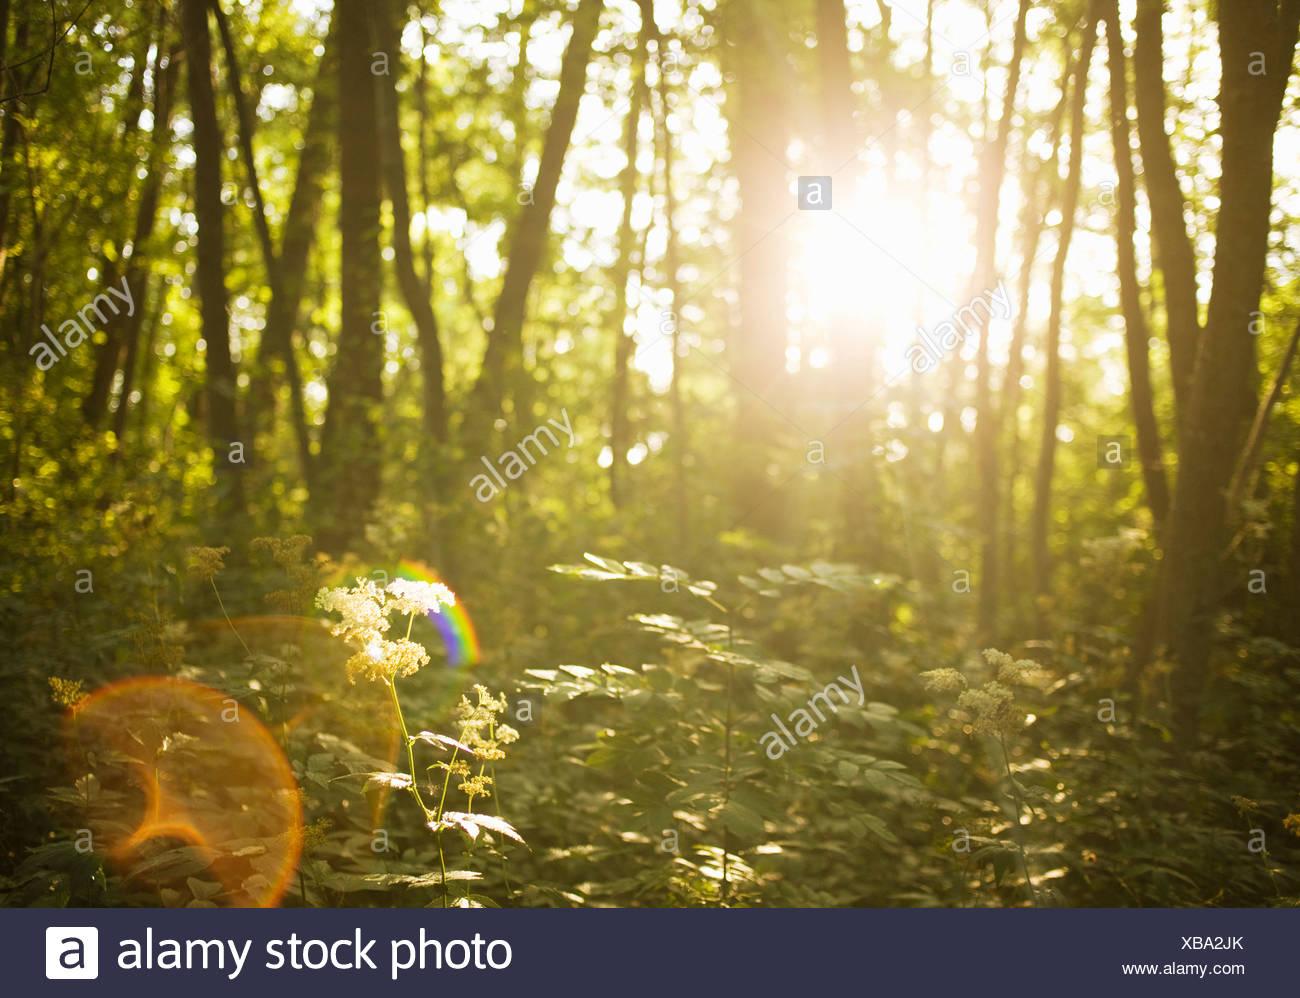 Eine Wald-Objektiv flare Schweden. Stockbild